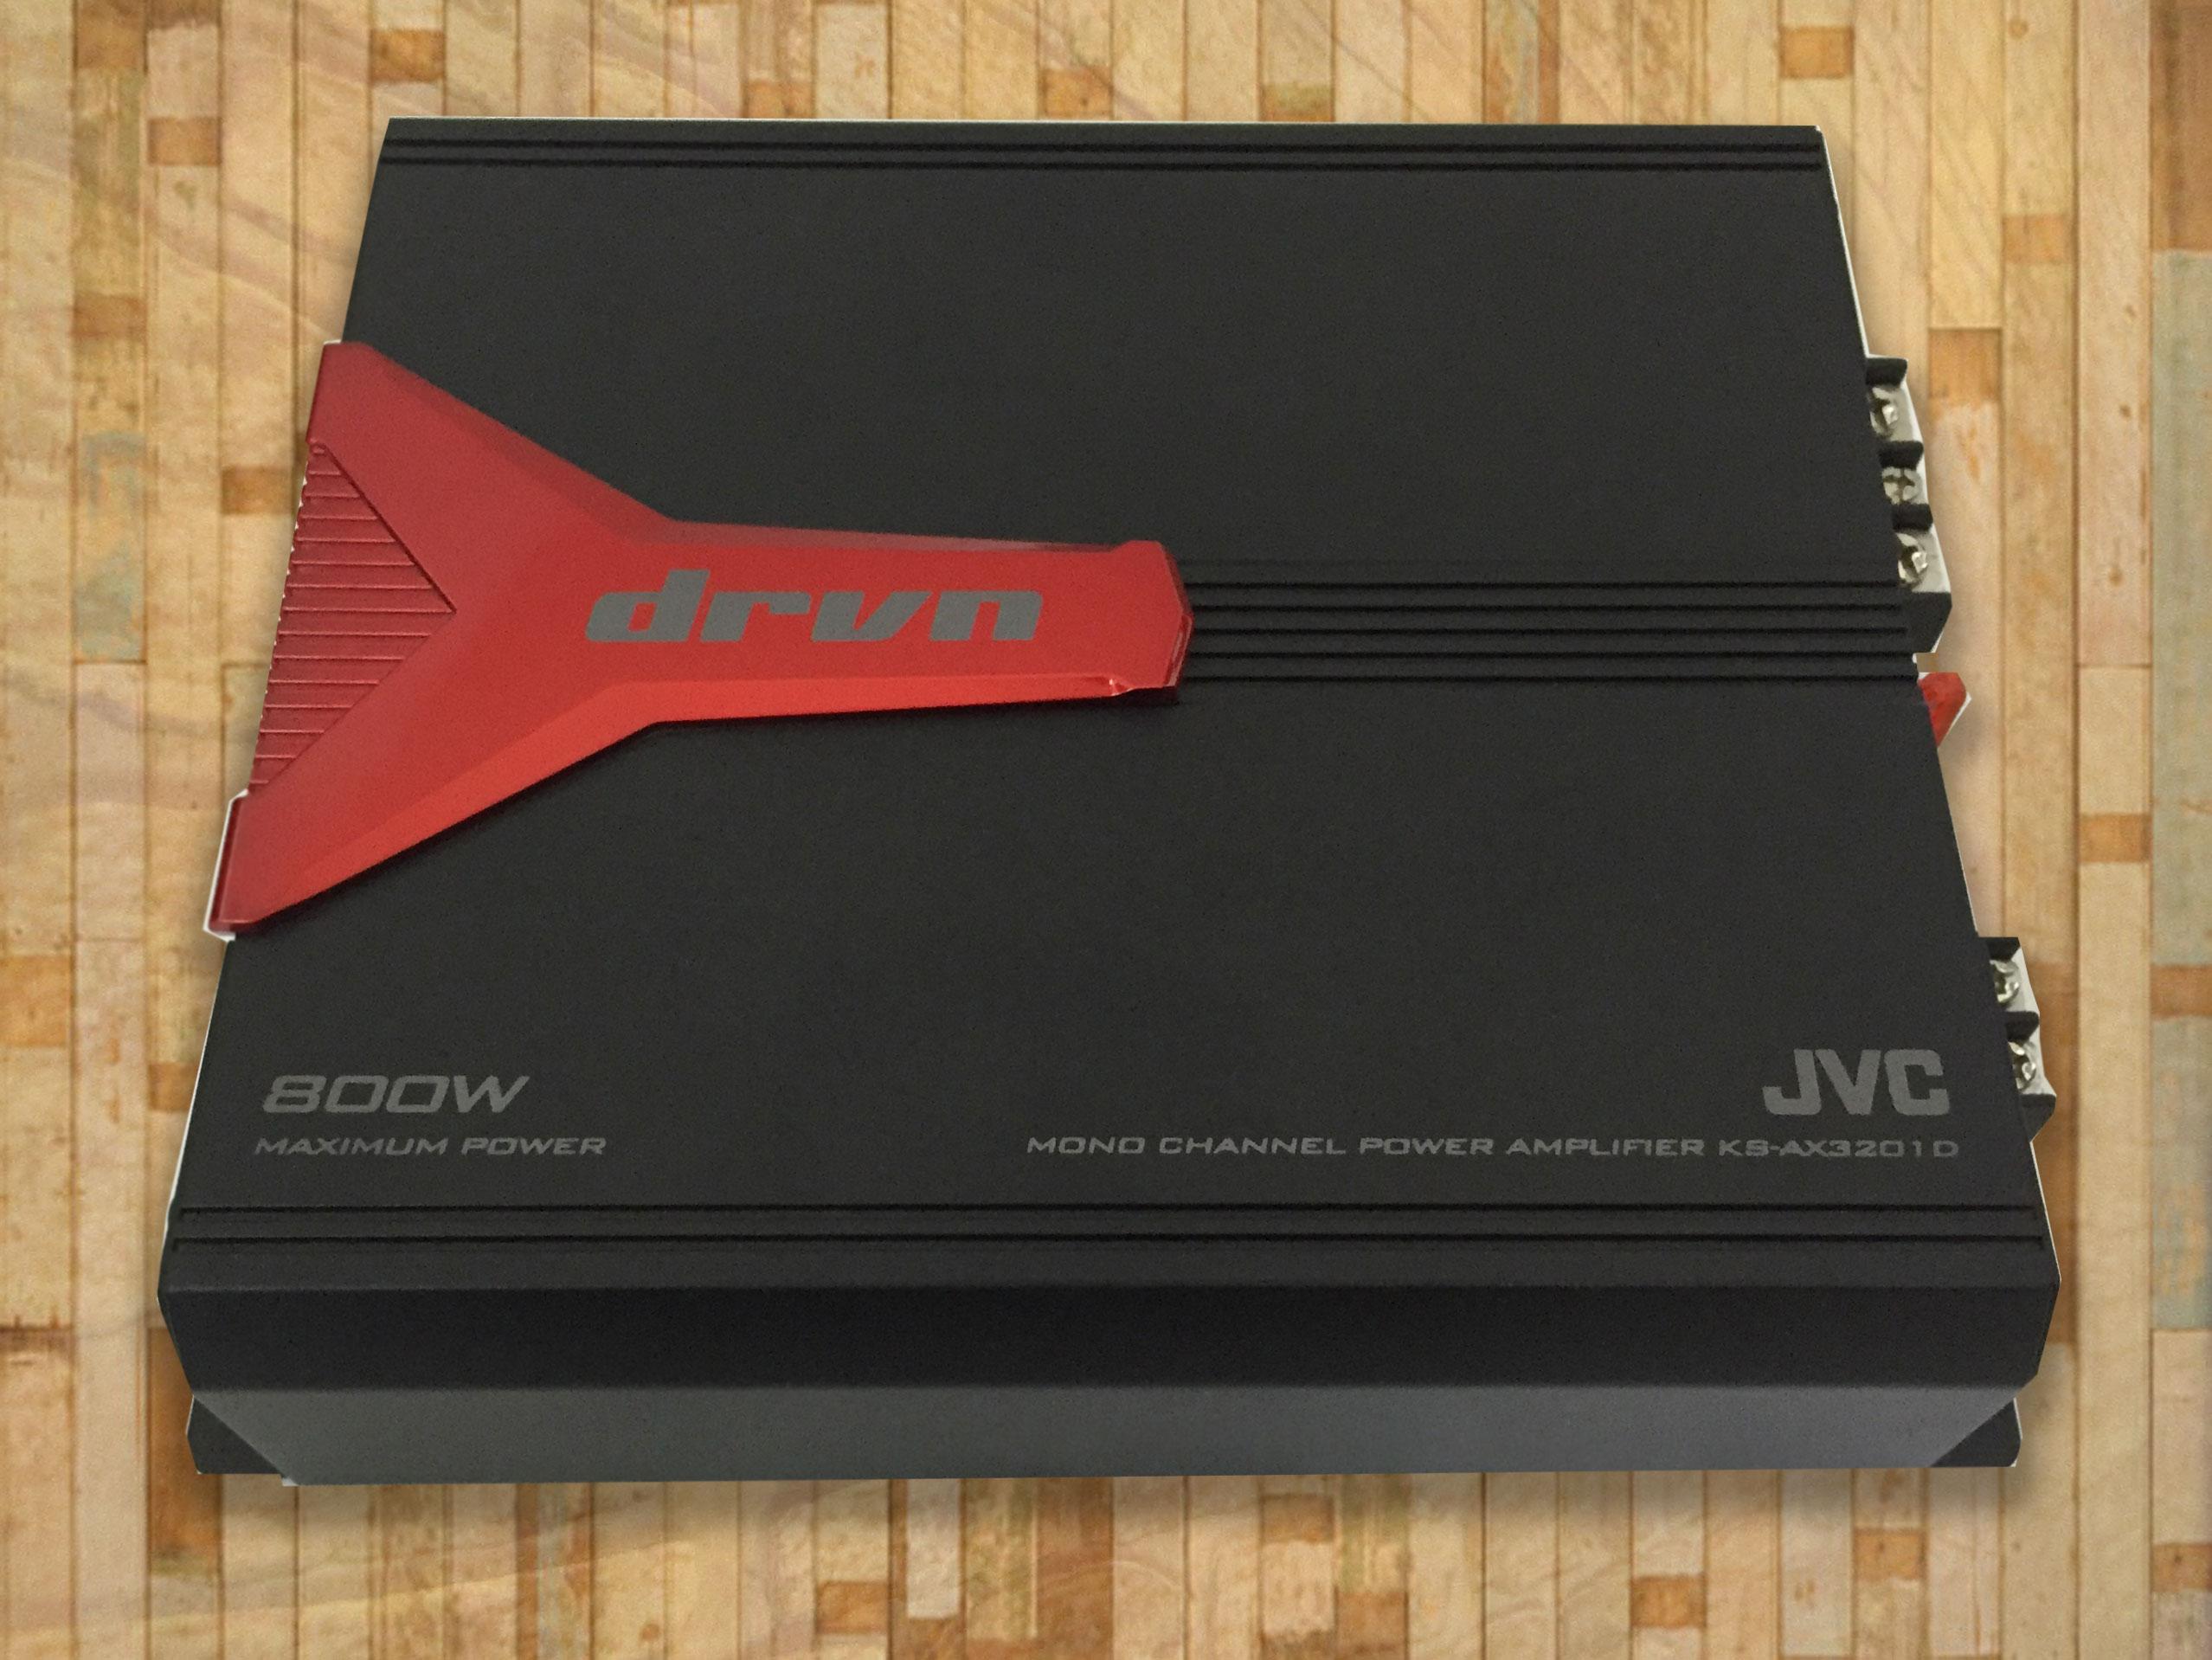 เพาเวอร์แอมป์ JVC KS-AX3201D (2CH) พร้อมส่ง